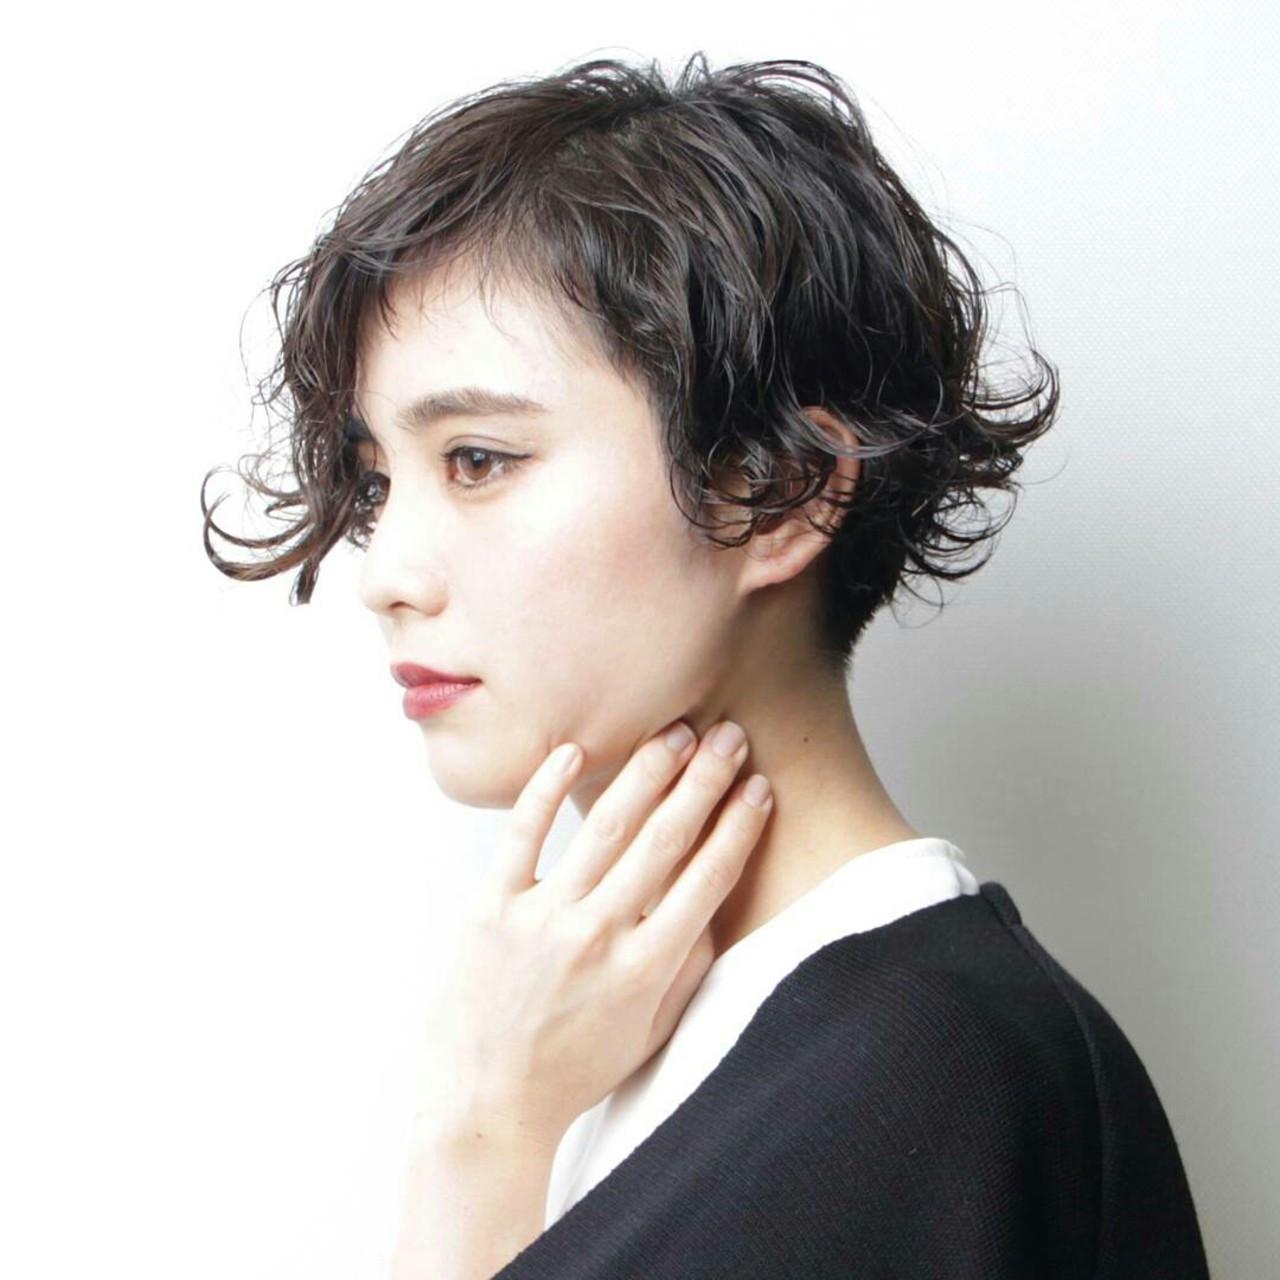 さりげないツーブロックでボーイッシュな大人へ♡ 阿藤俊也 | PEEK-A-BOO NEWoMan新宿